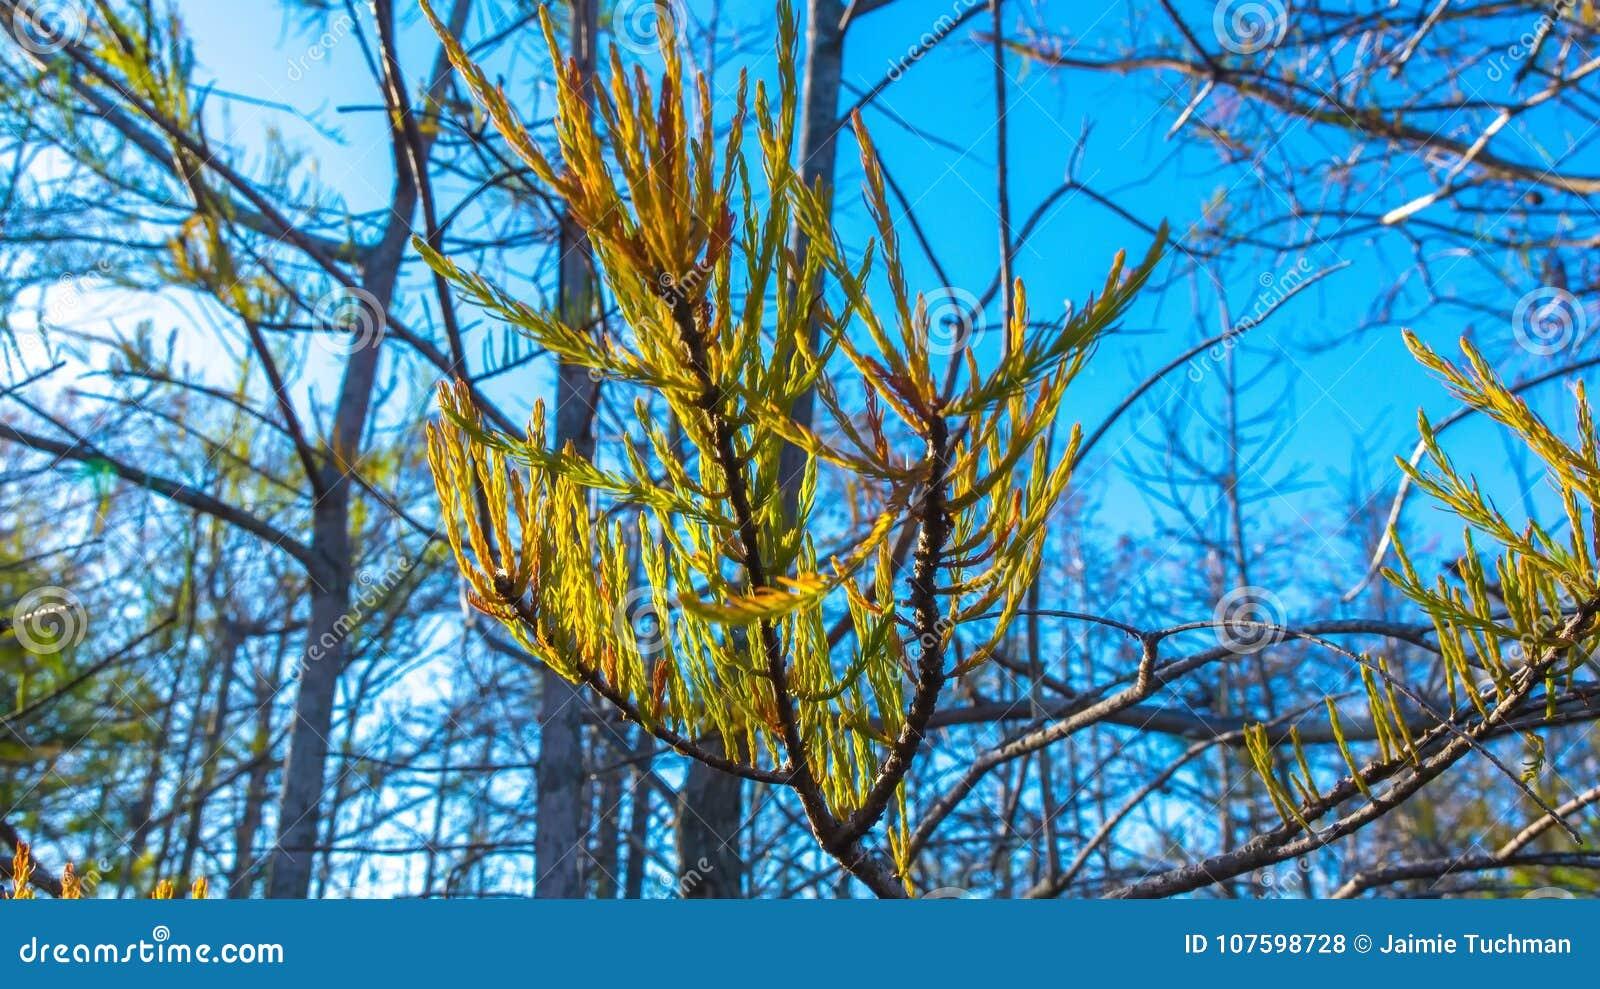 autumn cypress leaf